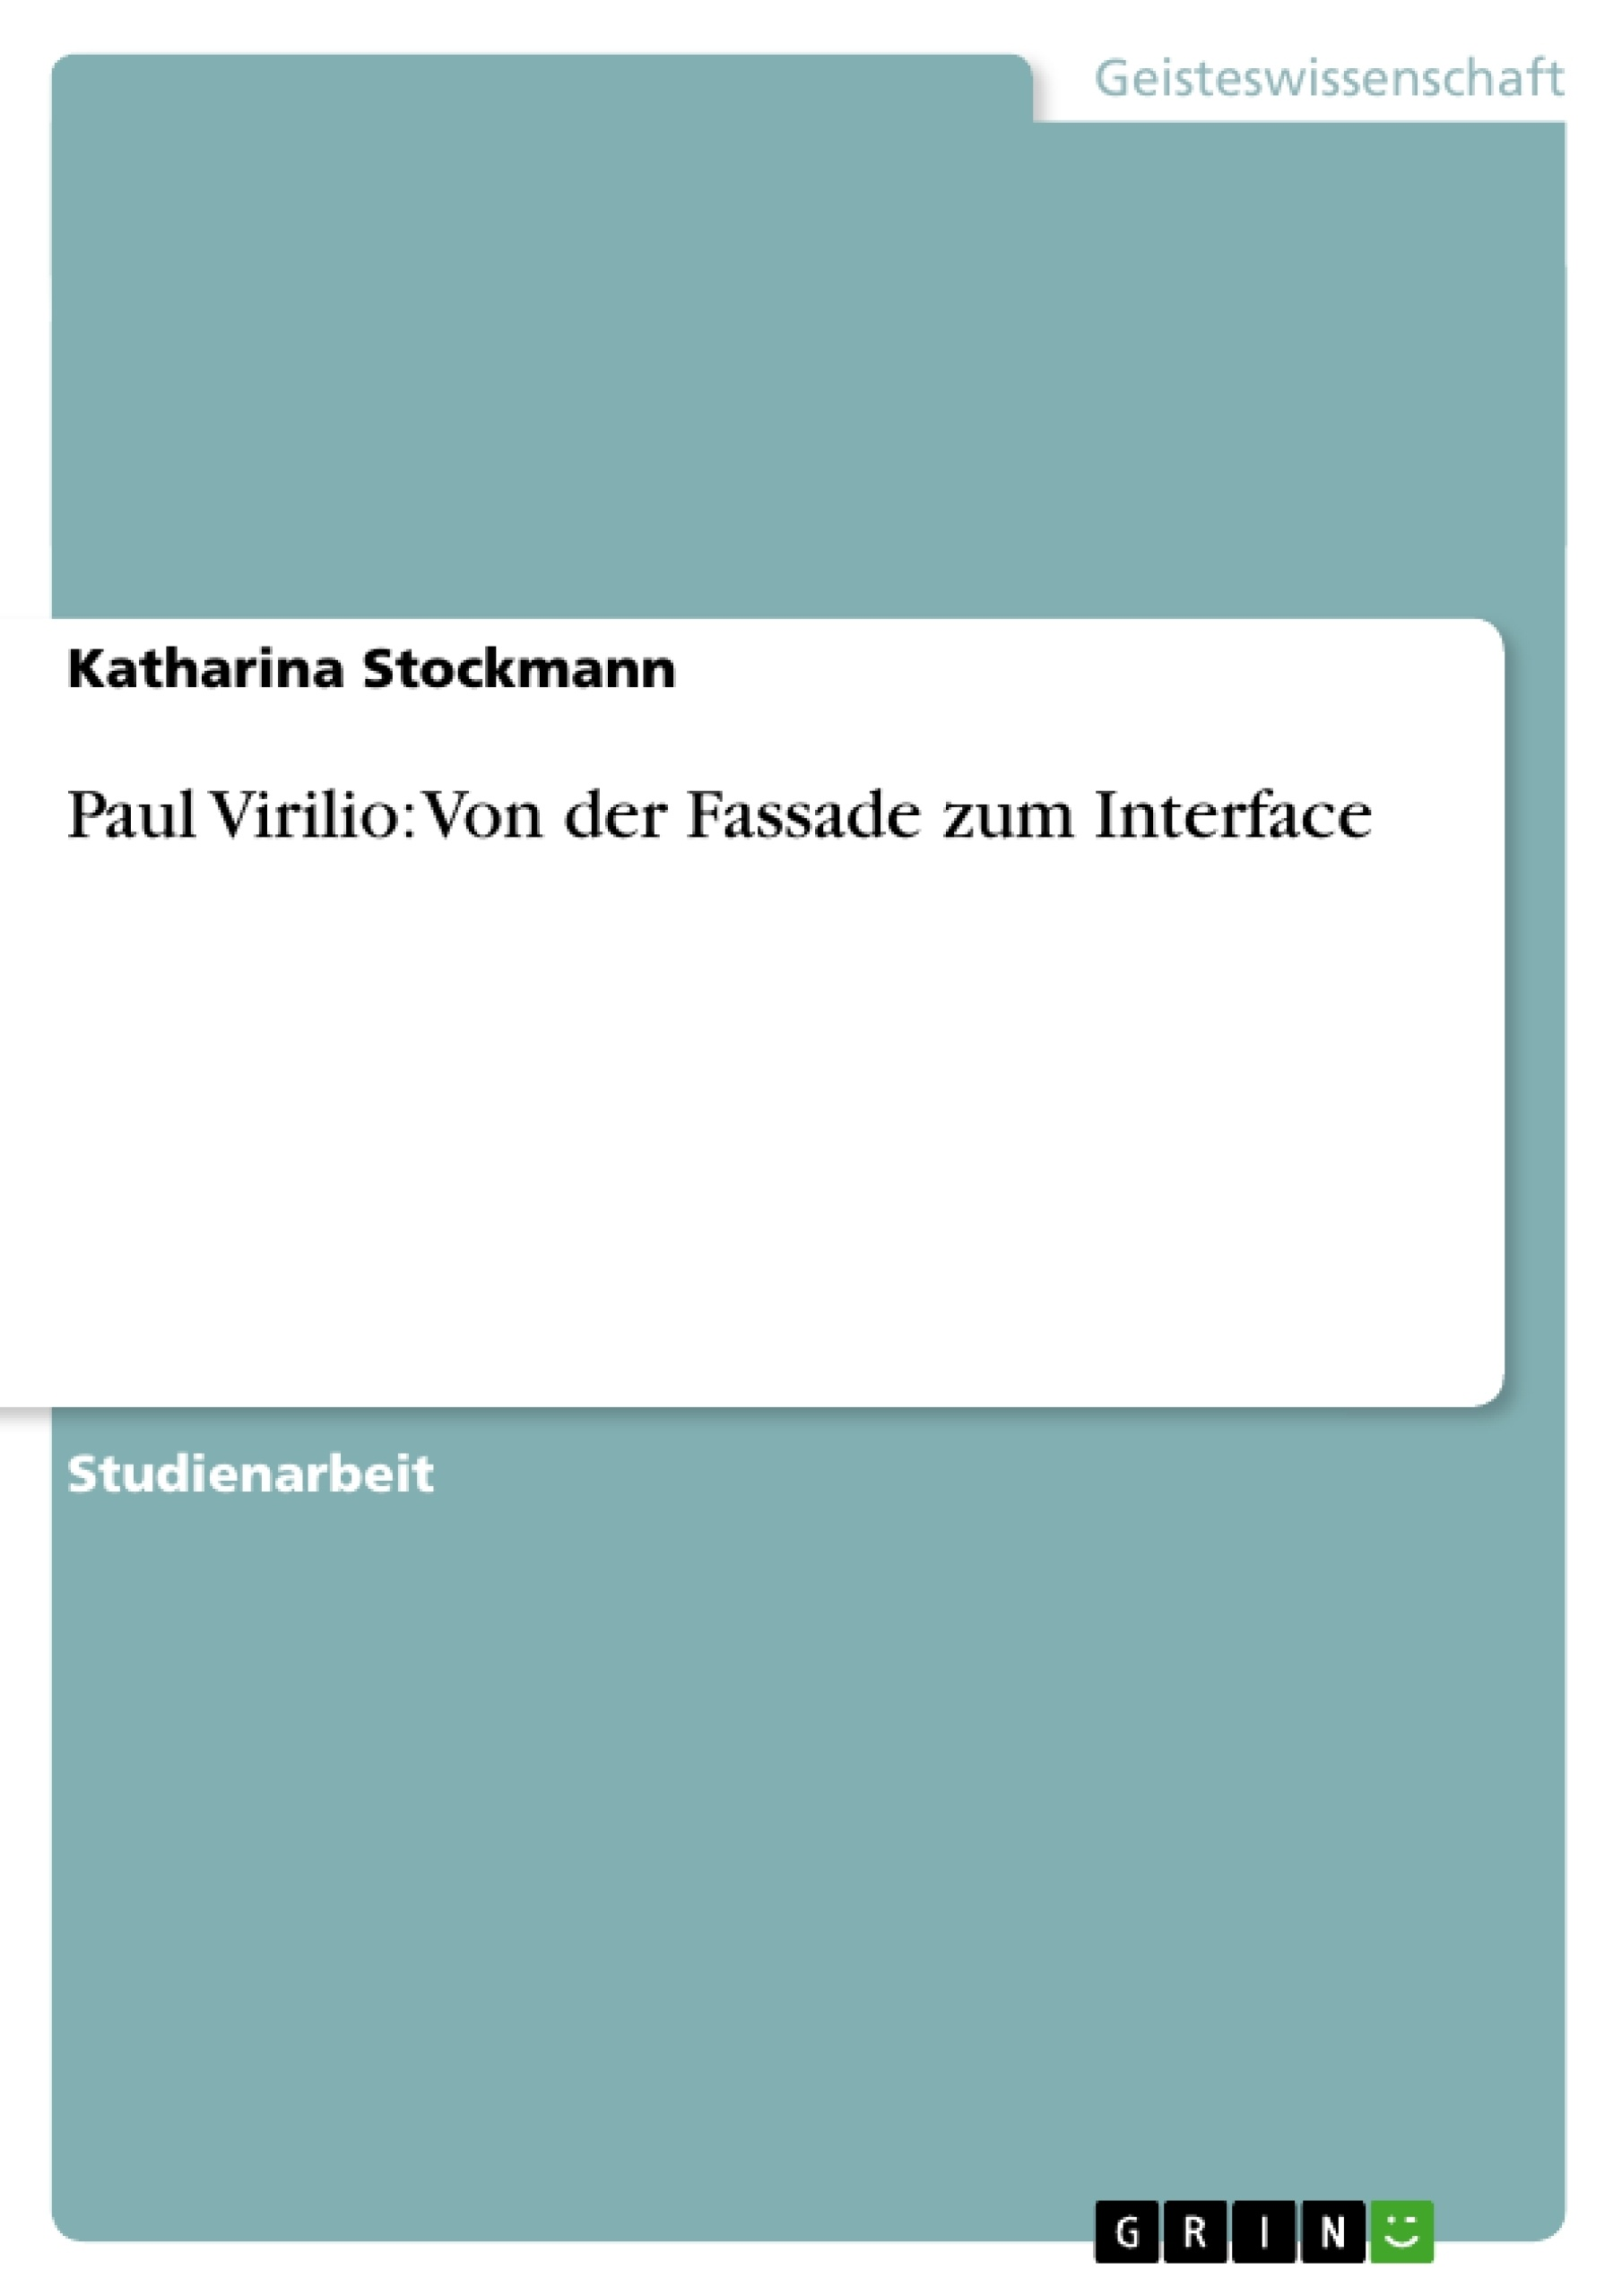 Titel: Paul Virilio: Von der Fassade zum Interface